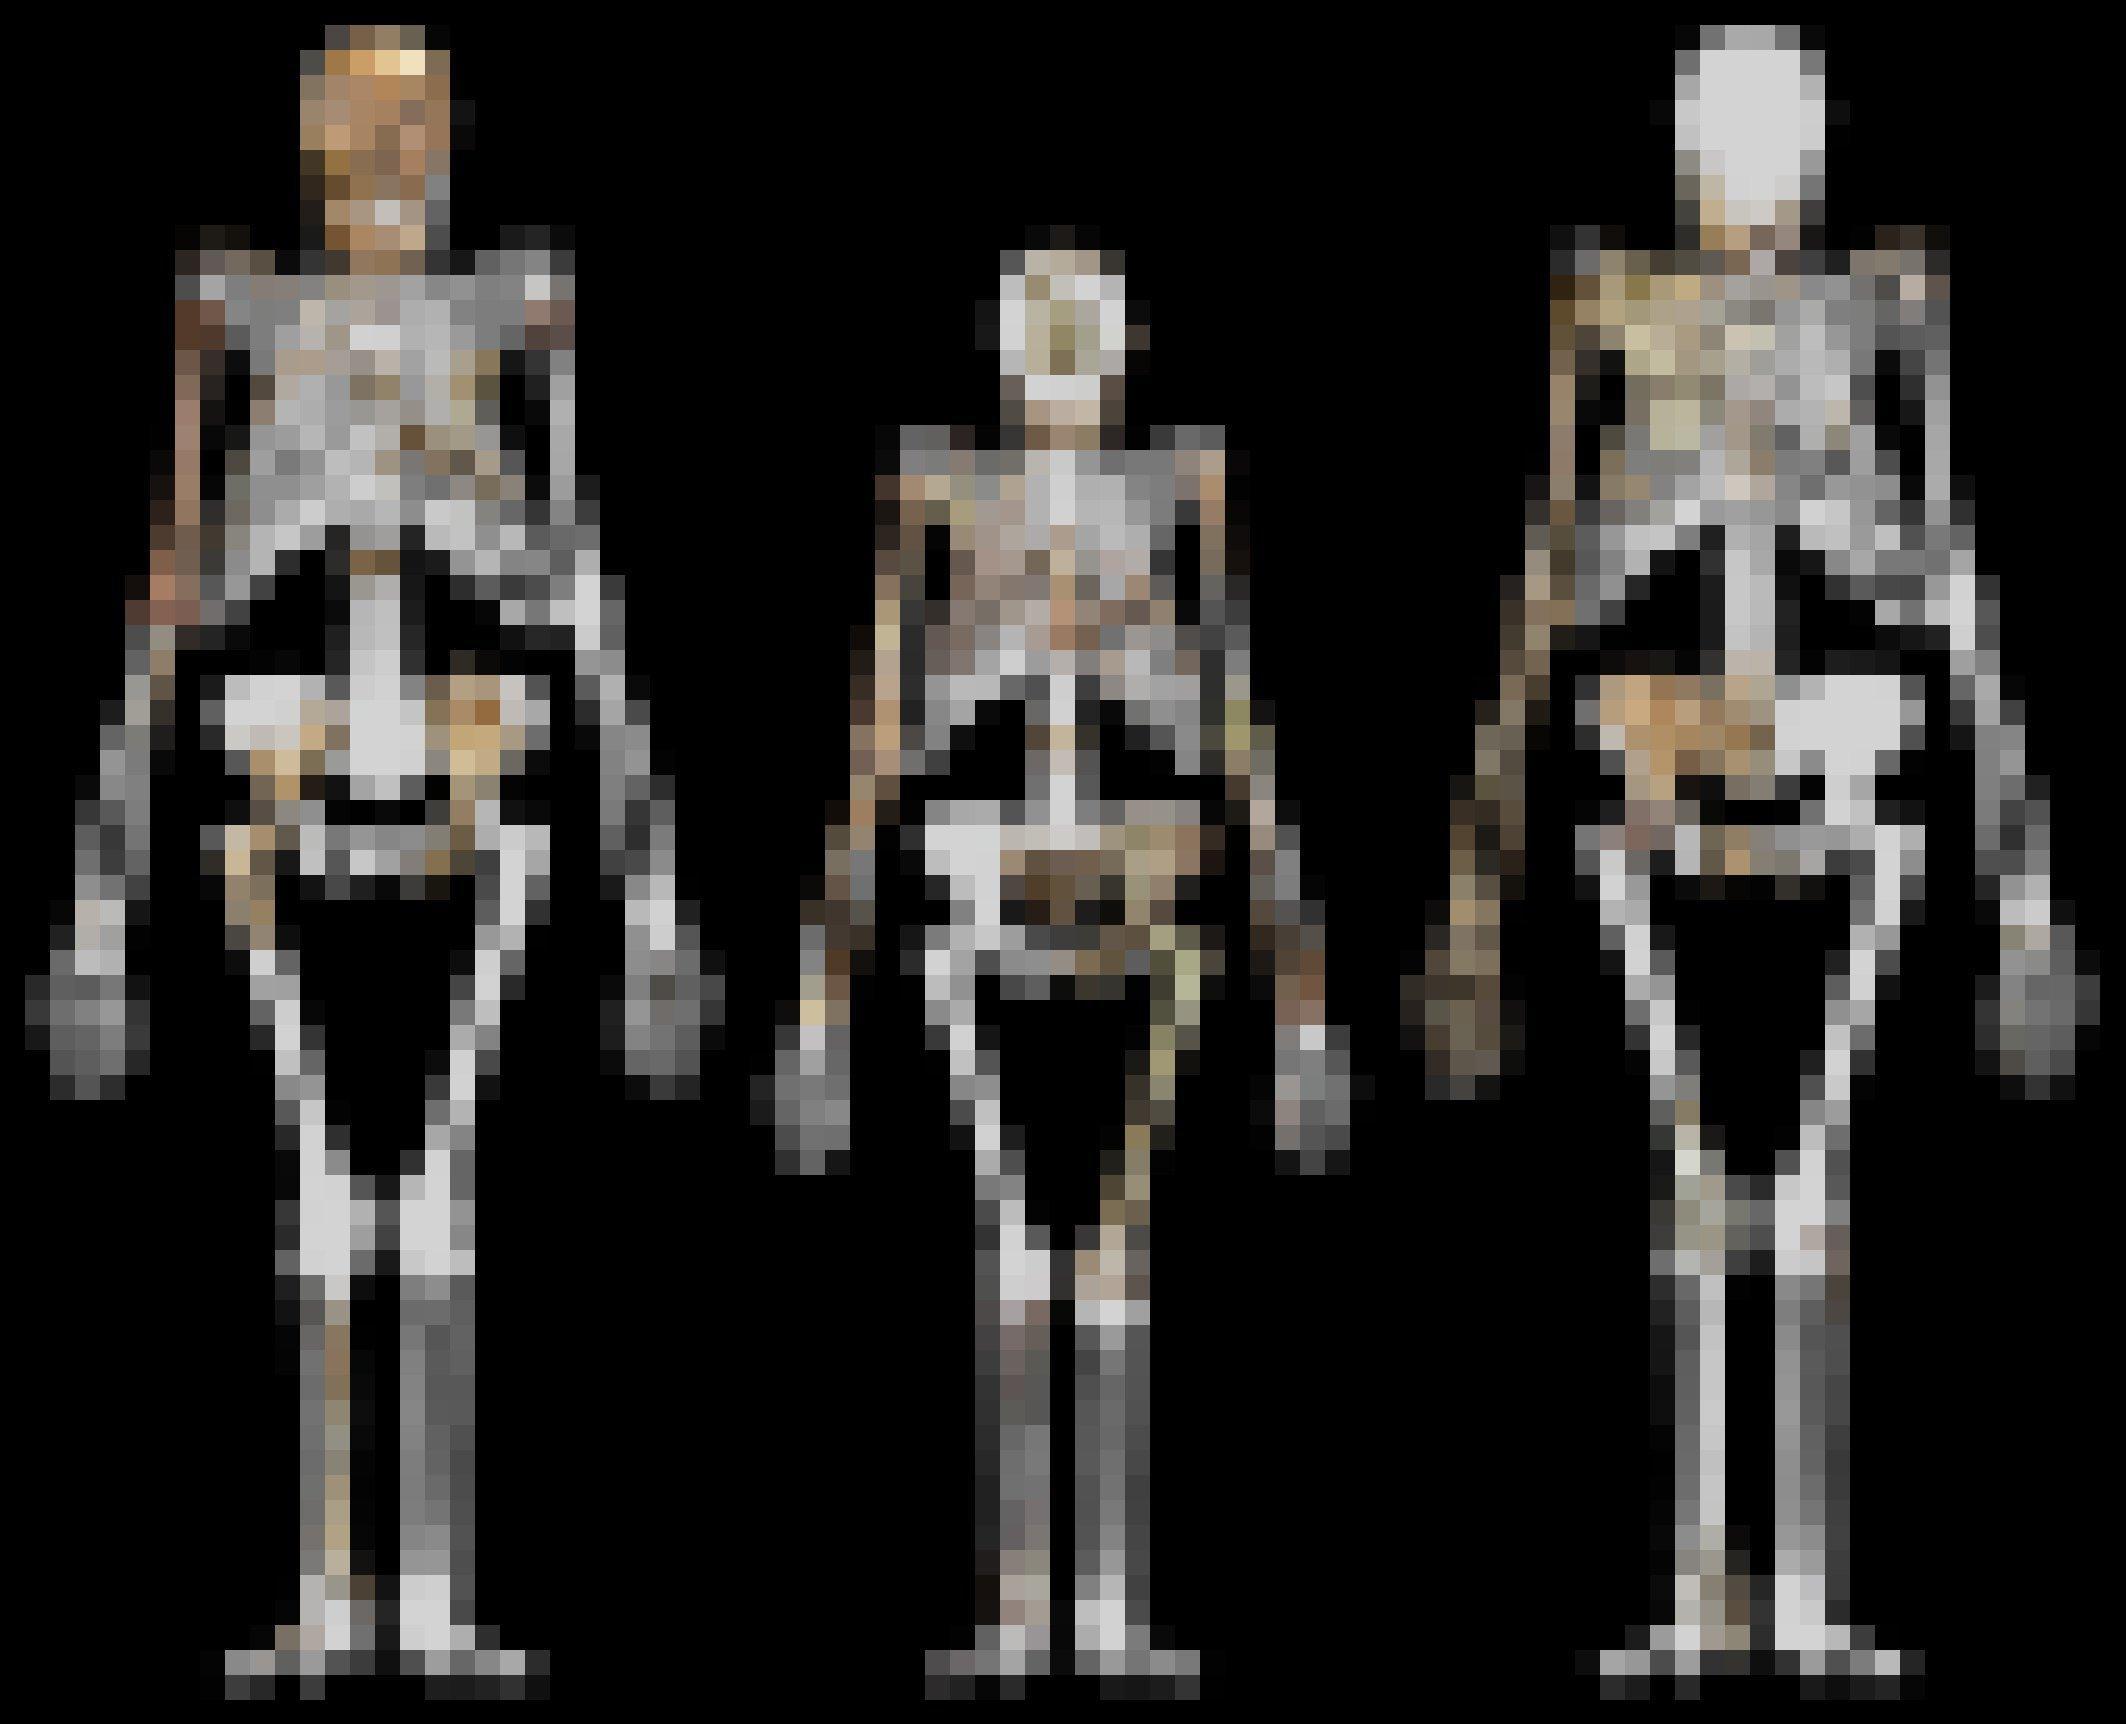 """Dargestellt sind die rekonstruierten Umrisse von drei Skeletten, in die die fossilen Knochen von Vormenschen projiziert sind. In der Mitte wird der etwas kleinere Umriss von Lucy (Australopithecus afarensis) gezeigt, links und rechts daneben jeweils ein Exemplar der Art Australopithecus sediba aus Südafrika. Die breiten Becken, """"X-Beine"""" und nach vorne schauenden Schädel zeigen eindeutig, dass diese Wesen eine aufrechte Körperhaltung hatten."""